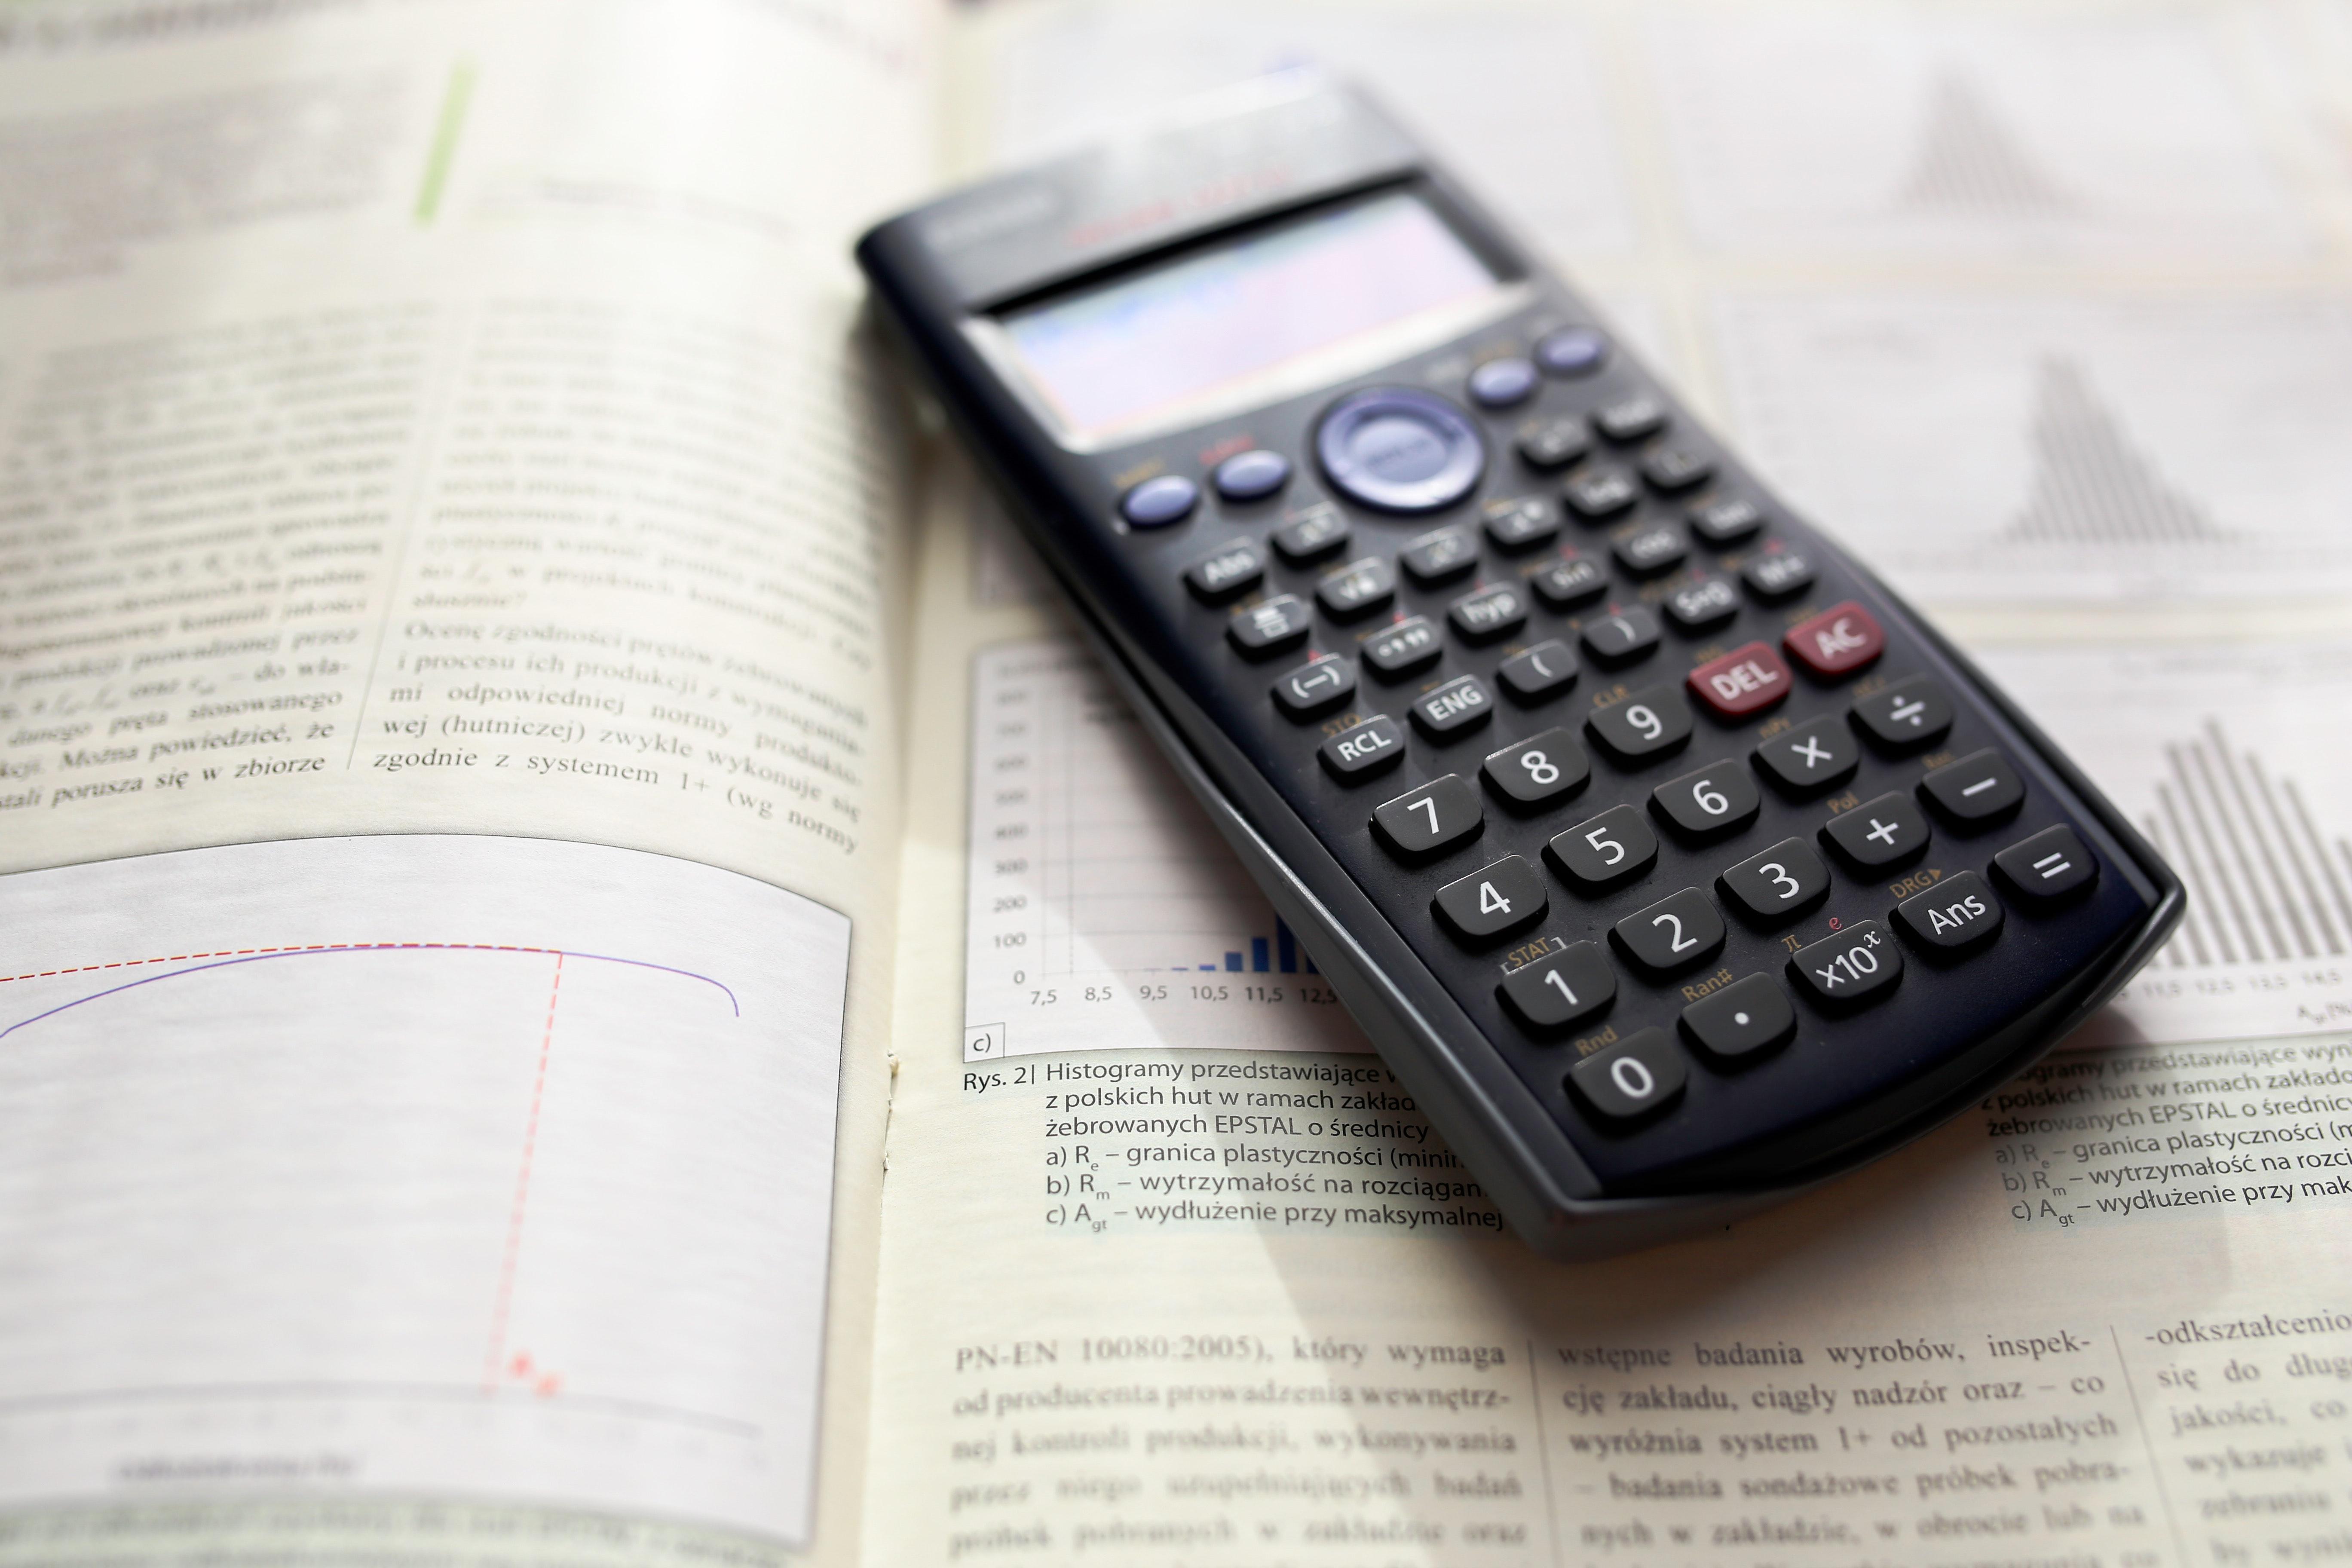 book-calculate-calculator-5775